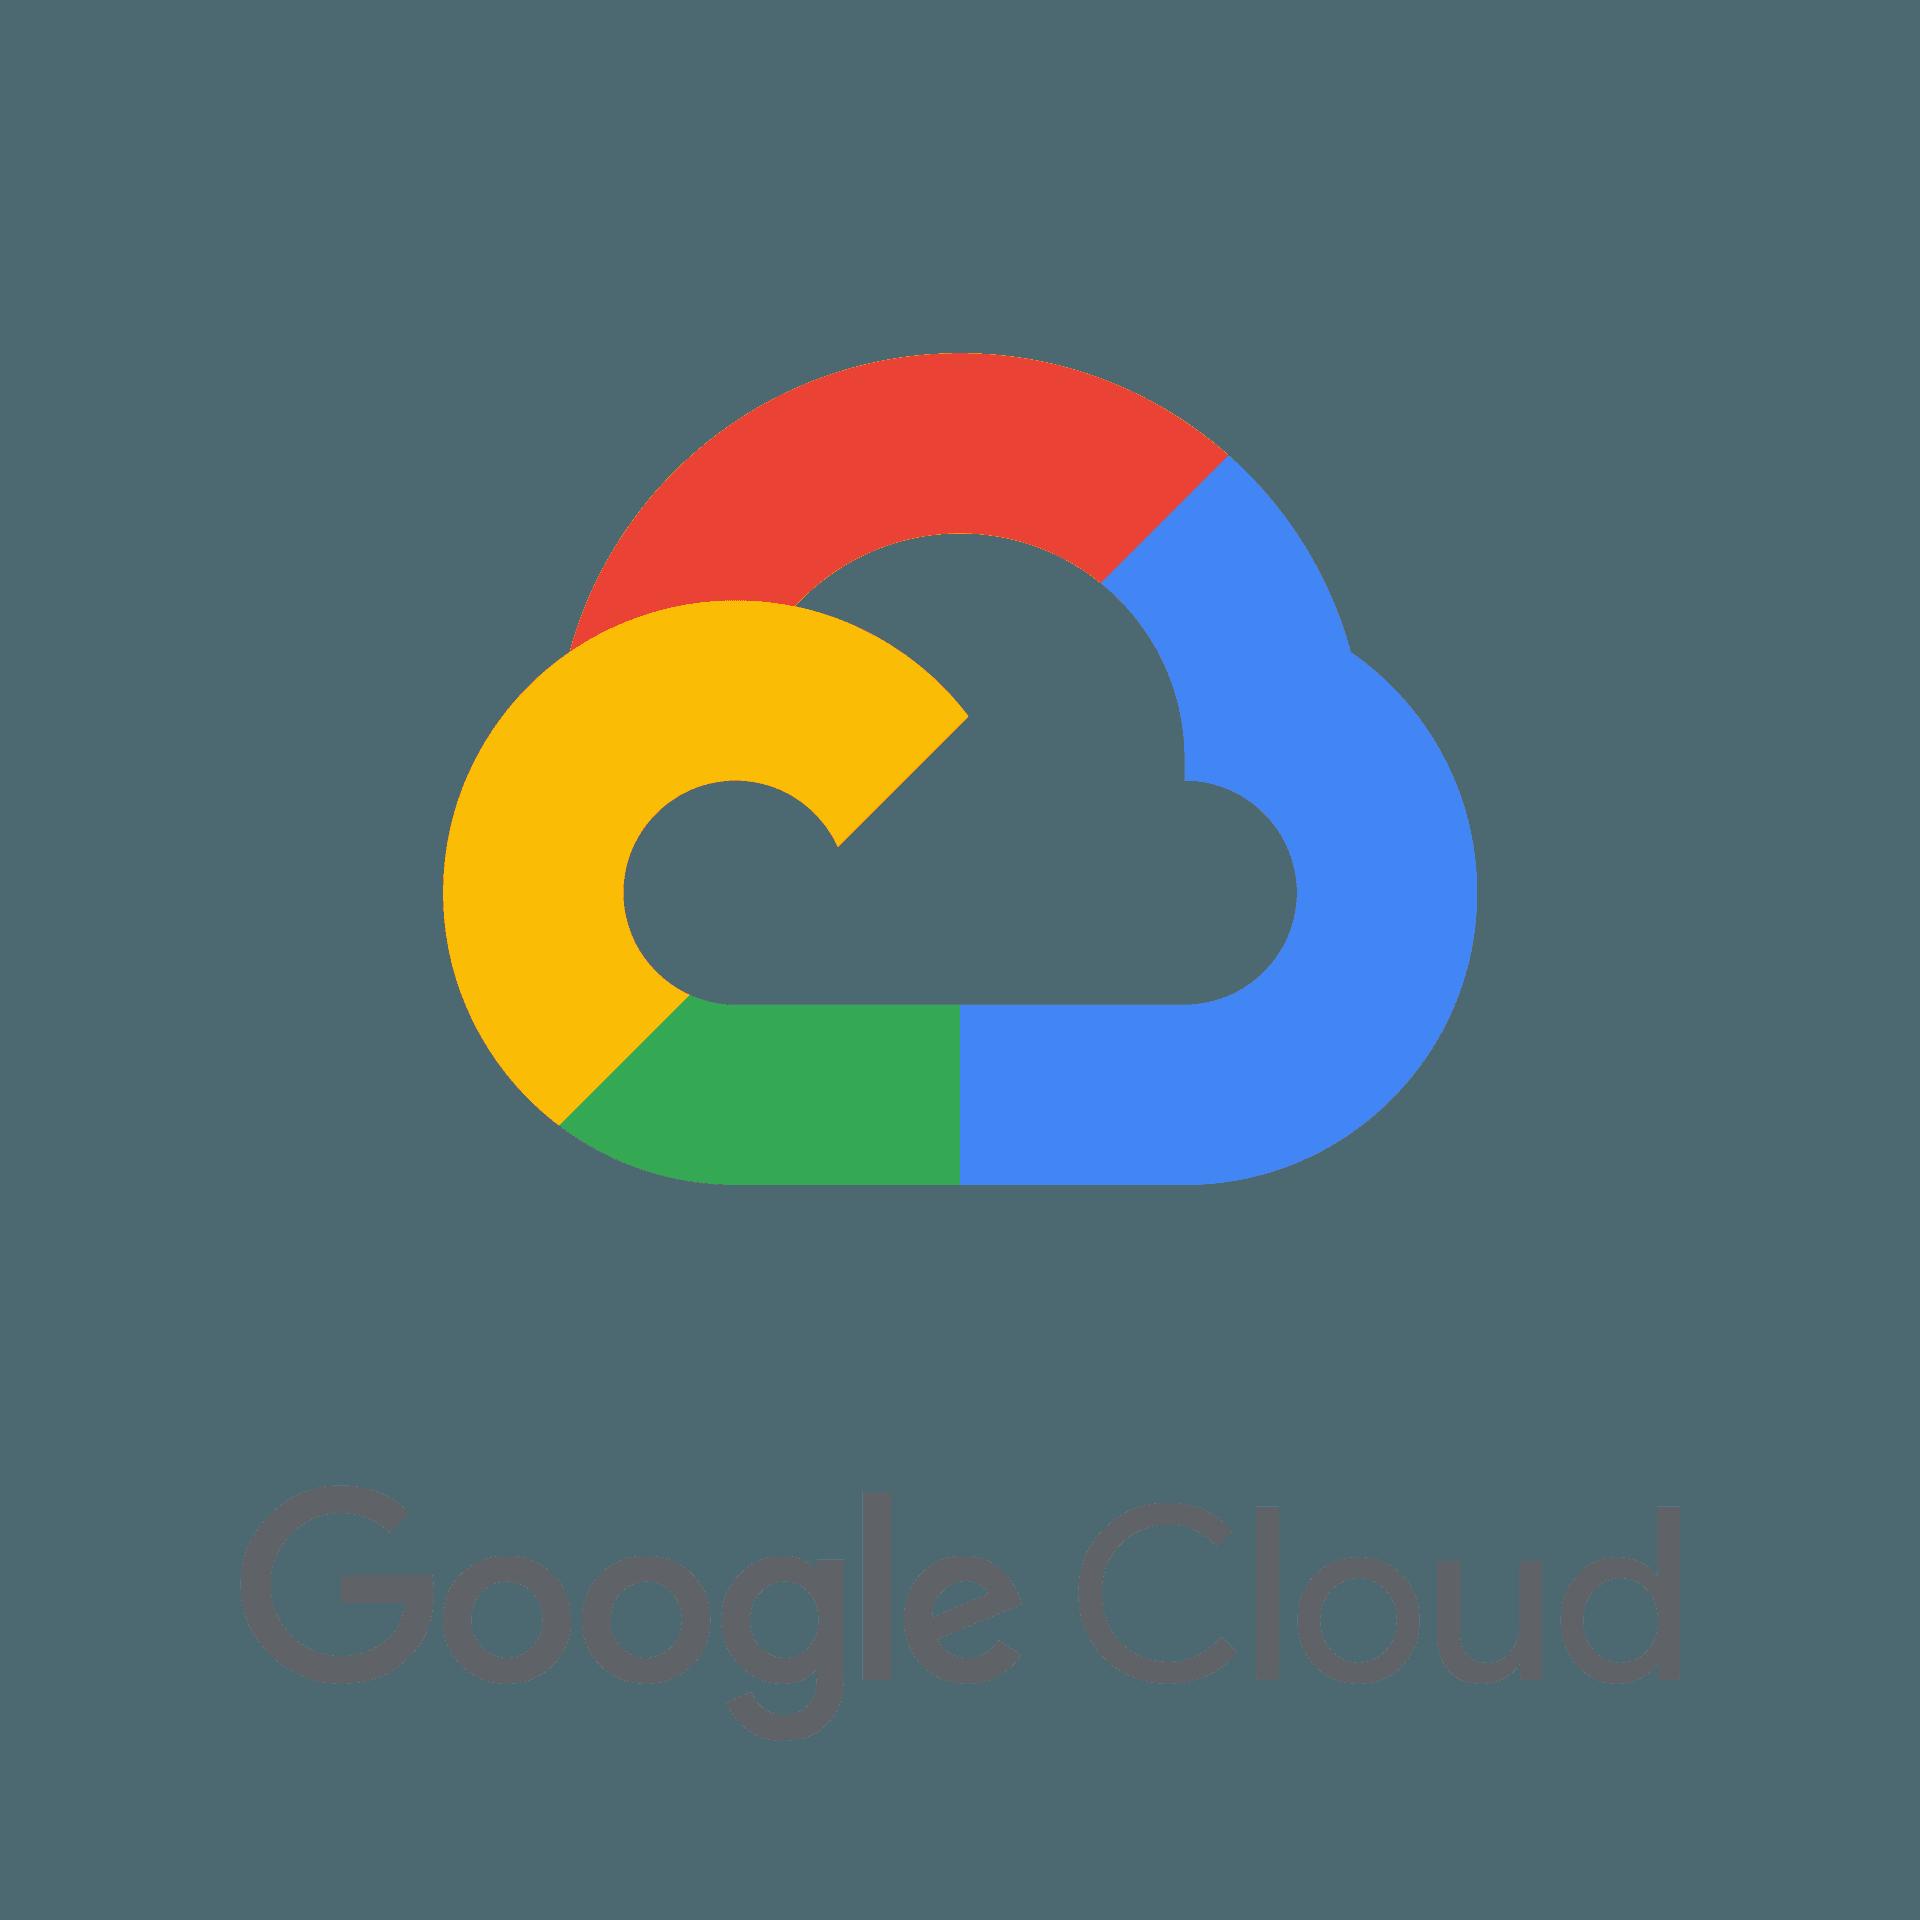 google_cloud_main